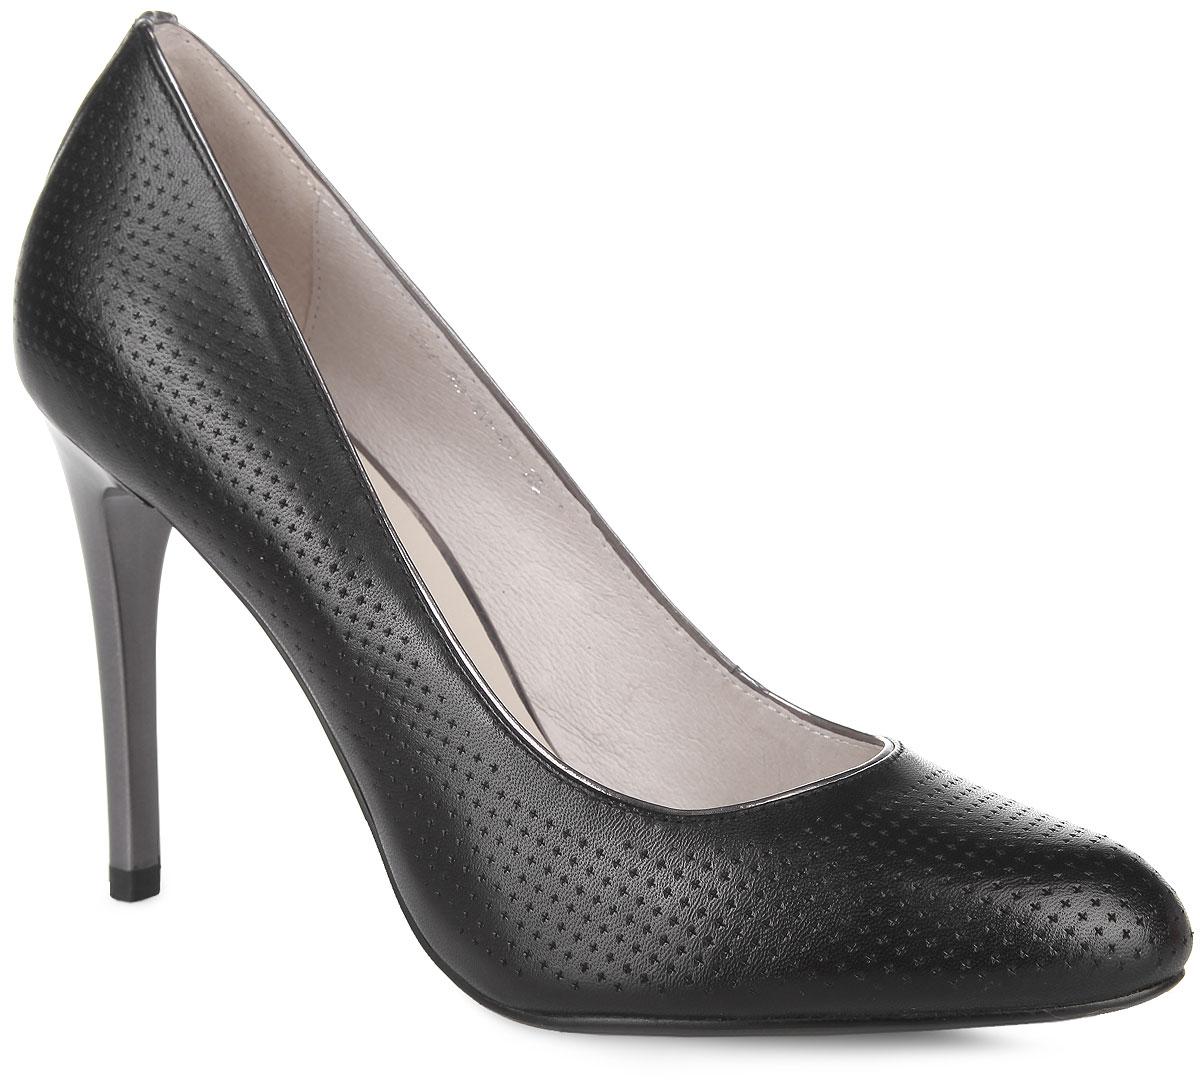 Туфли женские. 252-40-TH-01-KK252-40-TH-01-KKРоскошные туфли от Calipso покорят вас с первого взгляда! Модель выполнена из натуральной кожи и оформлена тисненым узором, задним наружным ремнем. Закругленный носок добавит женственности в ваш образ. Подкладка и стелька, исполненные из натуральной кожи, позволяют ногам дышать. Высокий каблук-шпилька контрастного цвета устойчив. Элегантные туфли займут достойное место в вашем гардеробе.